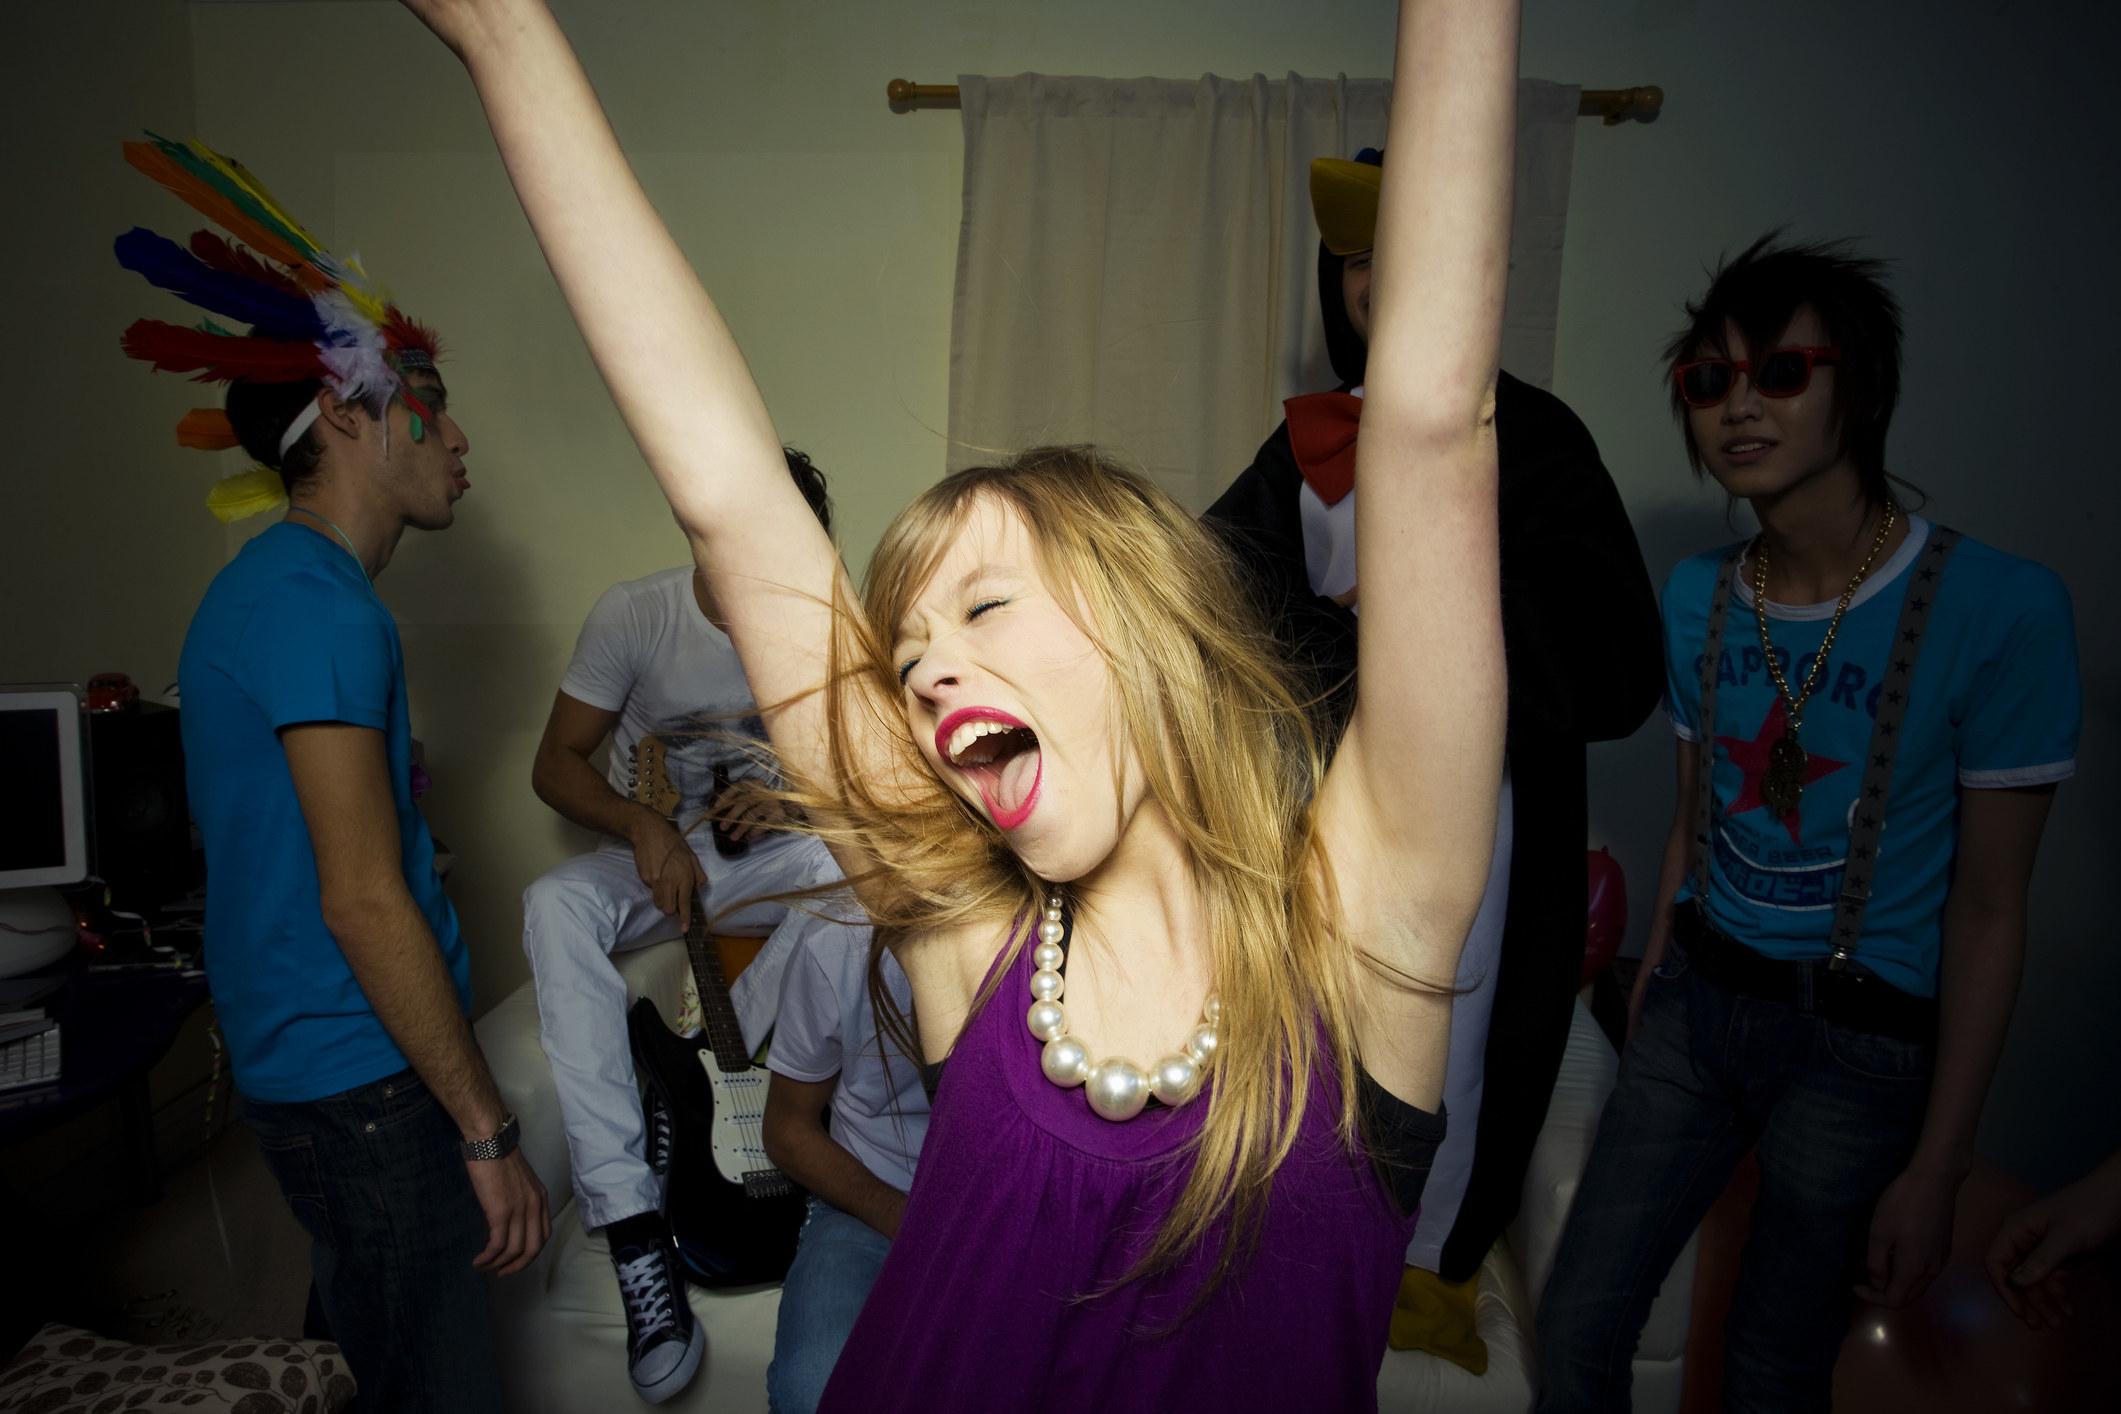 """派对女孩高举双臂高喊着,在一群男人的阴影中""""class="""